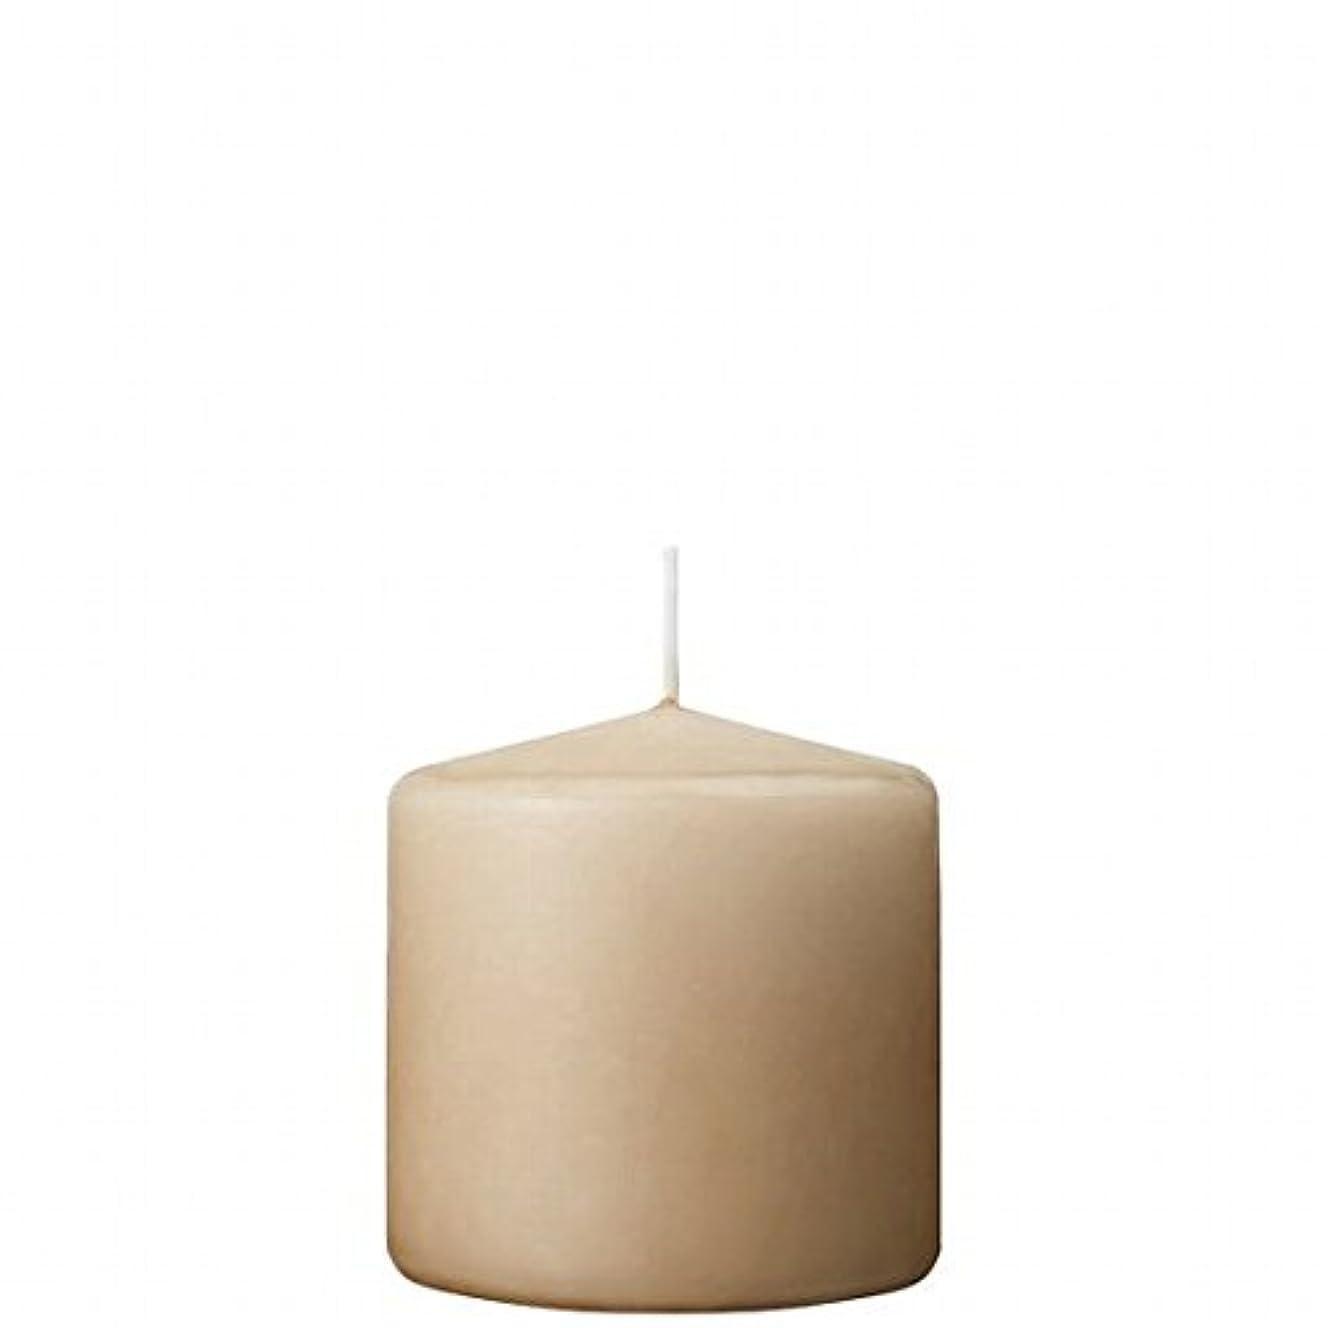 欠乏適度な麻痺カメヤマキャンドル( kameyama candle ) 3×3ベルトップピラーキャンドル 「 ベージュ 」